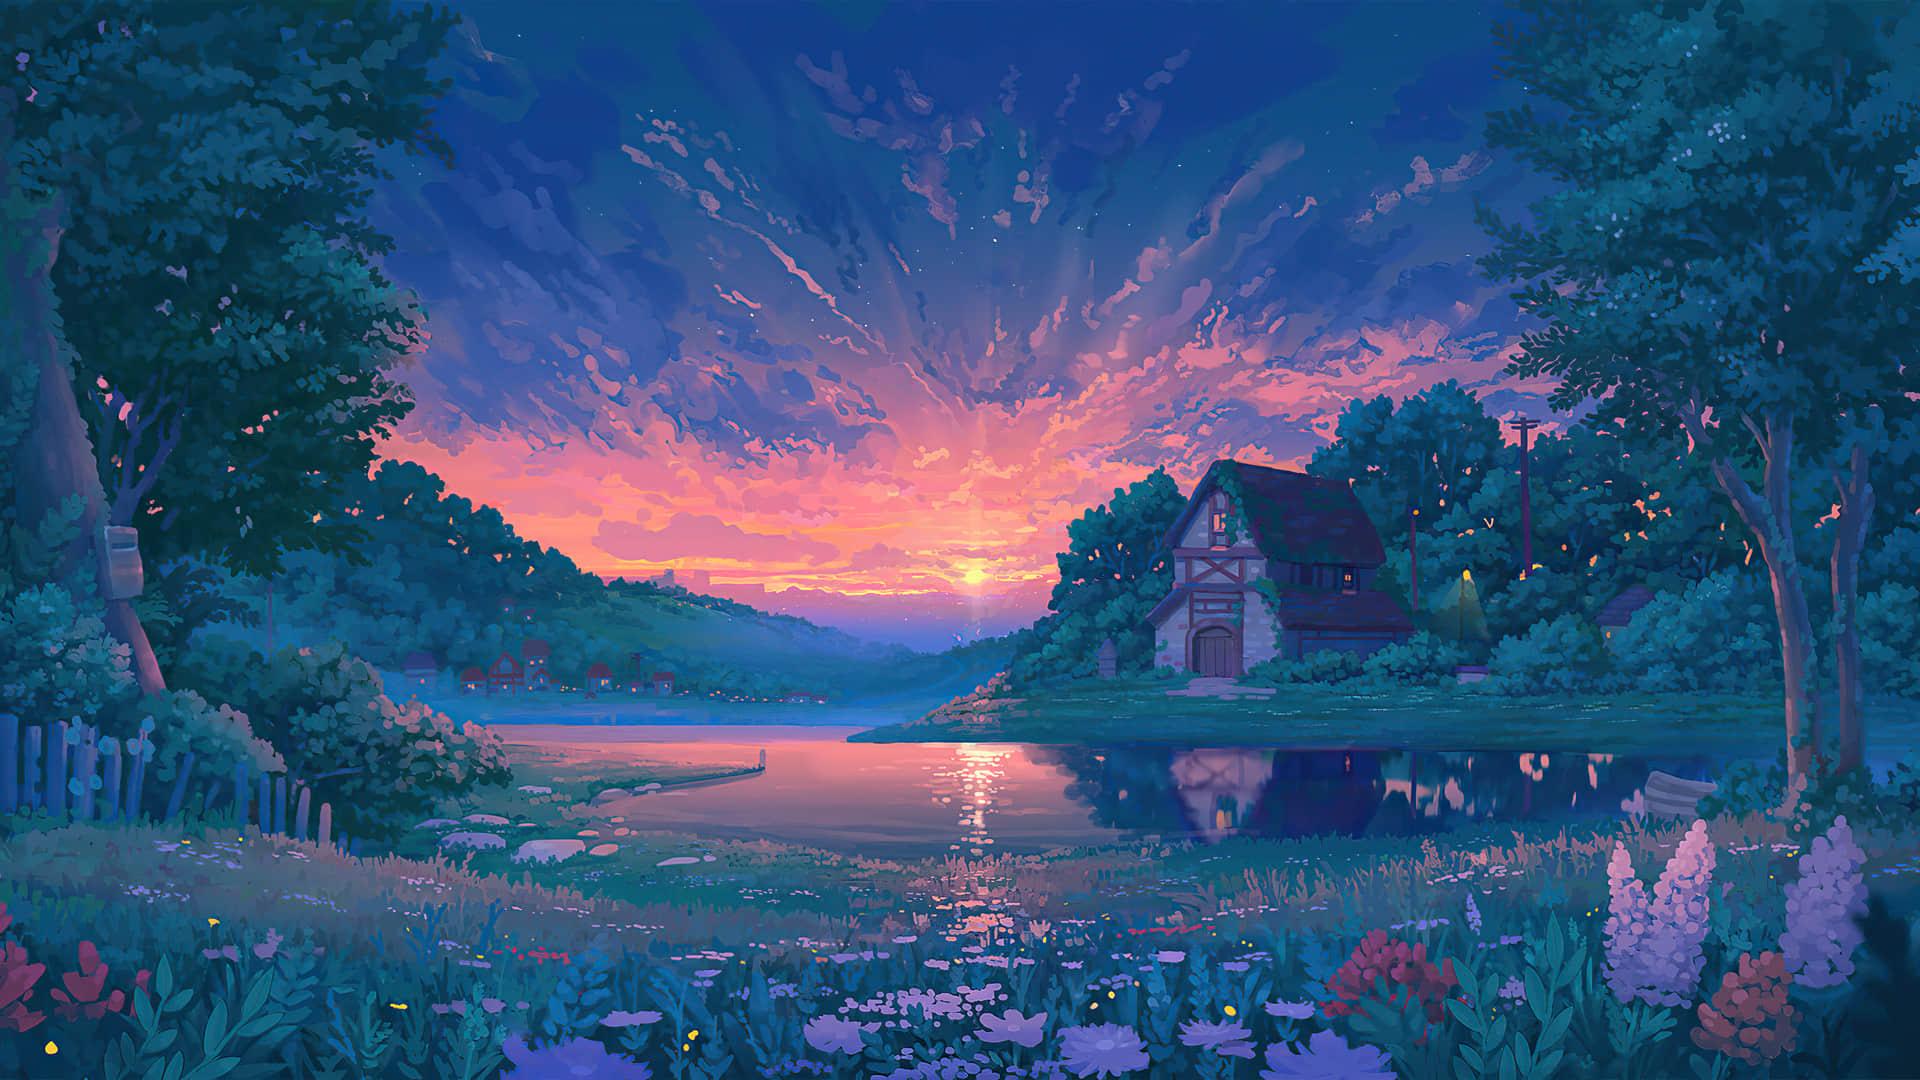 日出日落山间小屋群花盛放宁静的湖面1920x1080